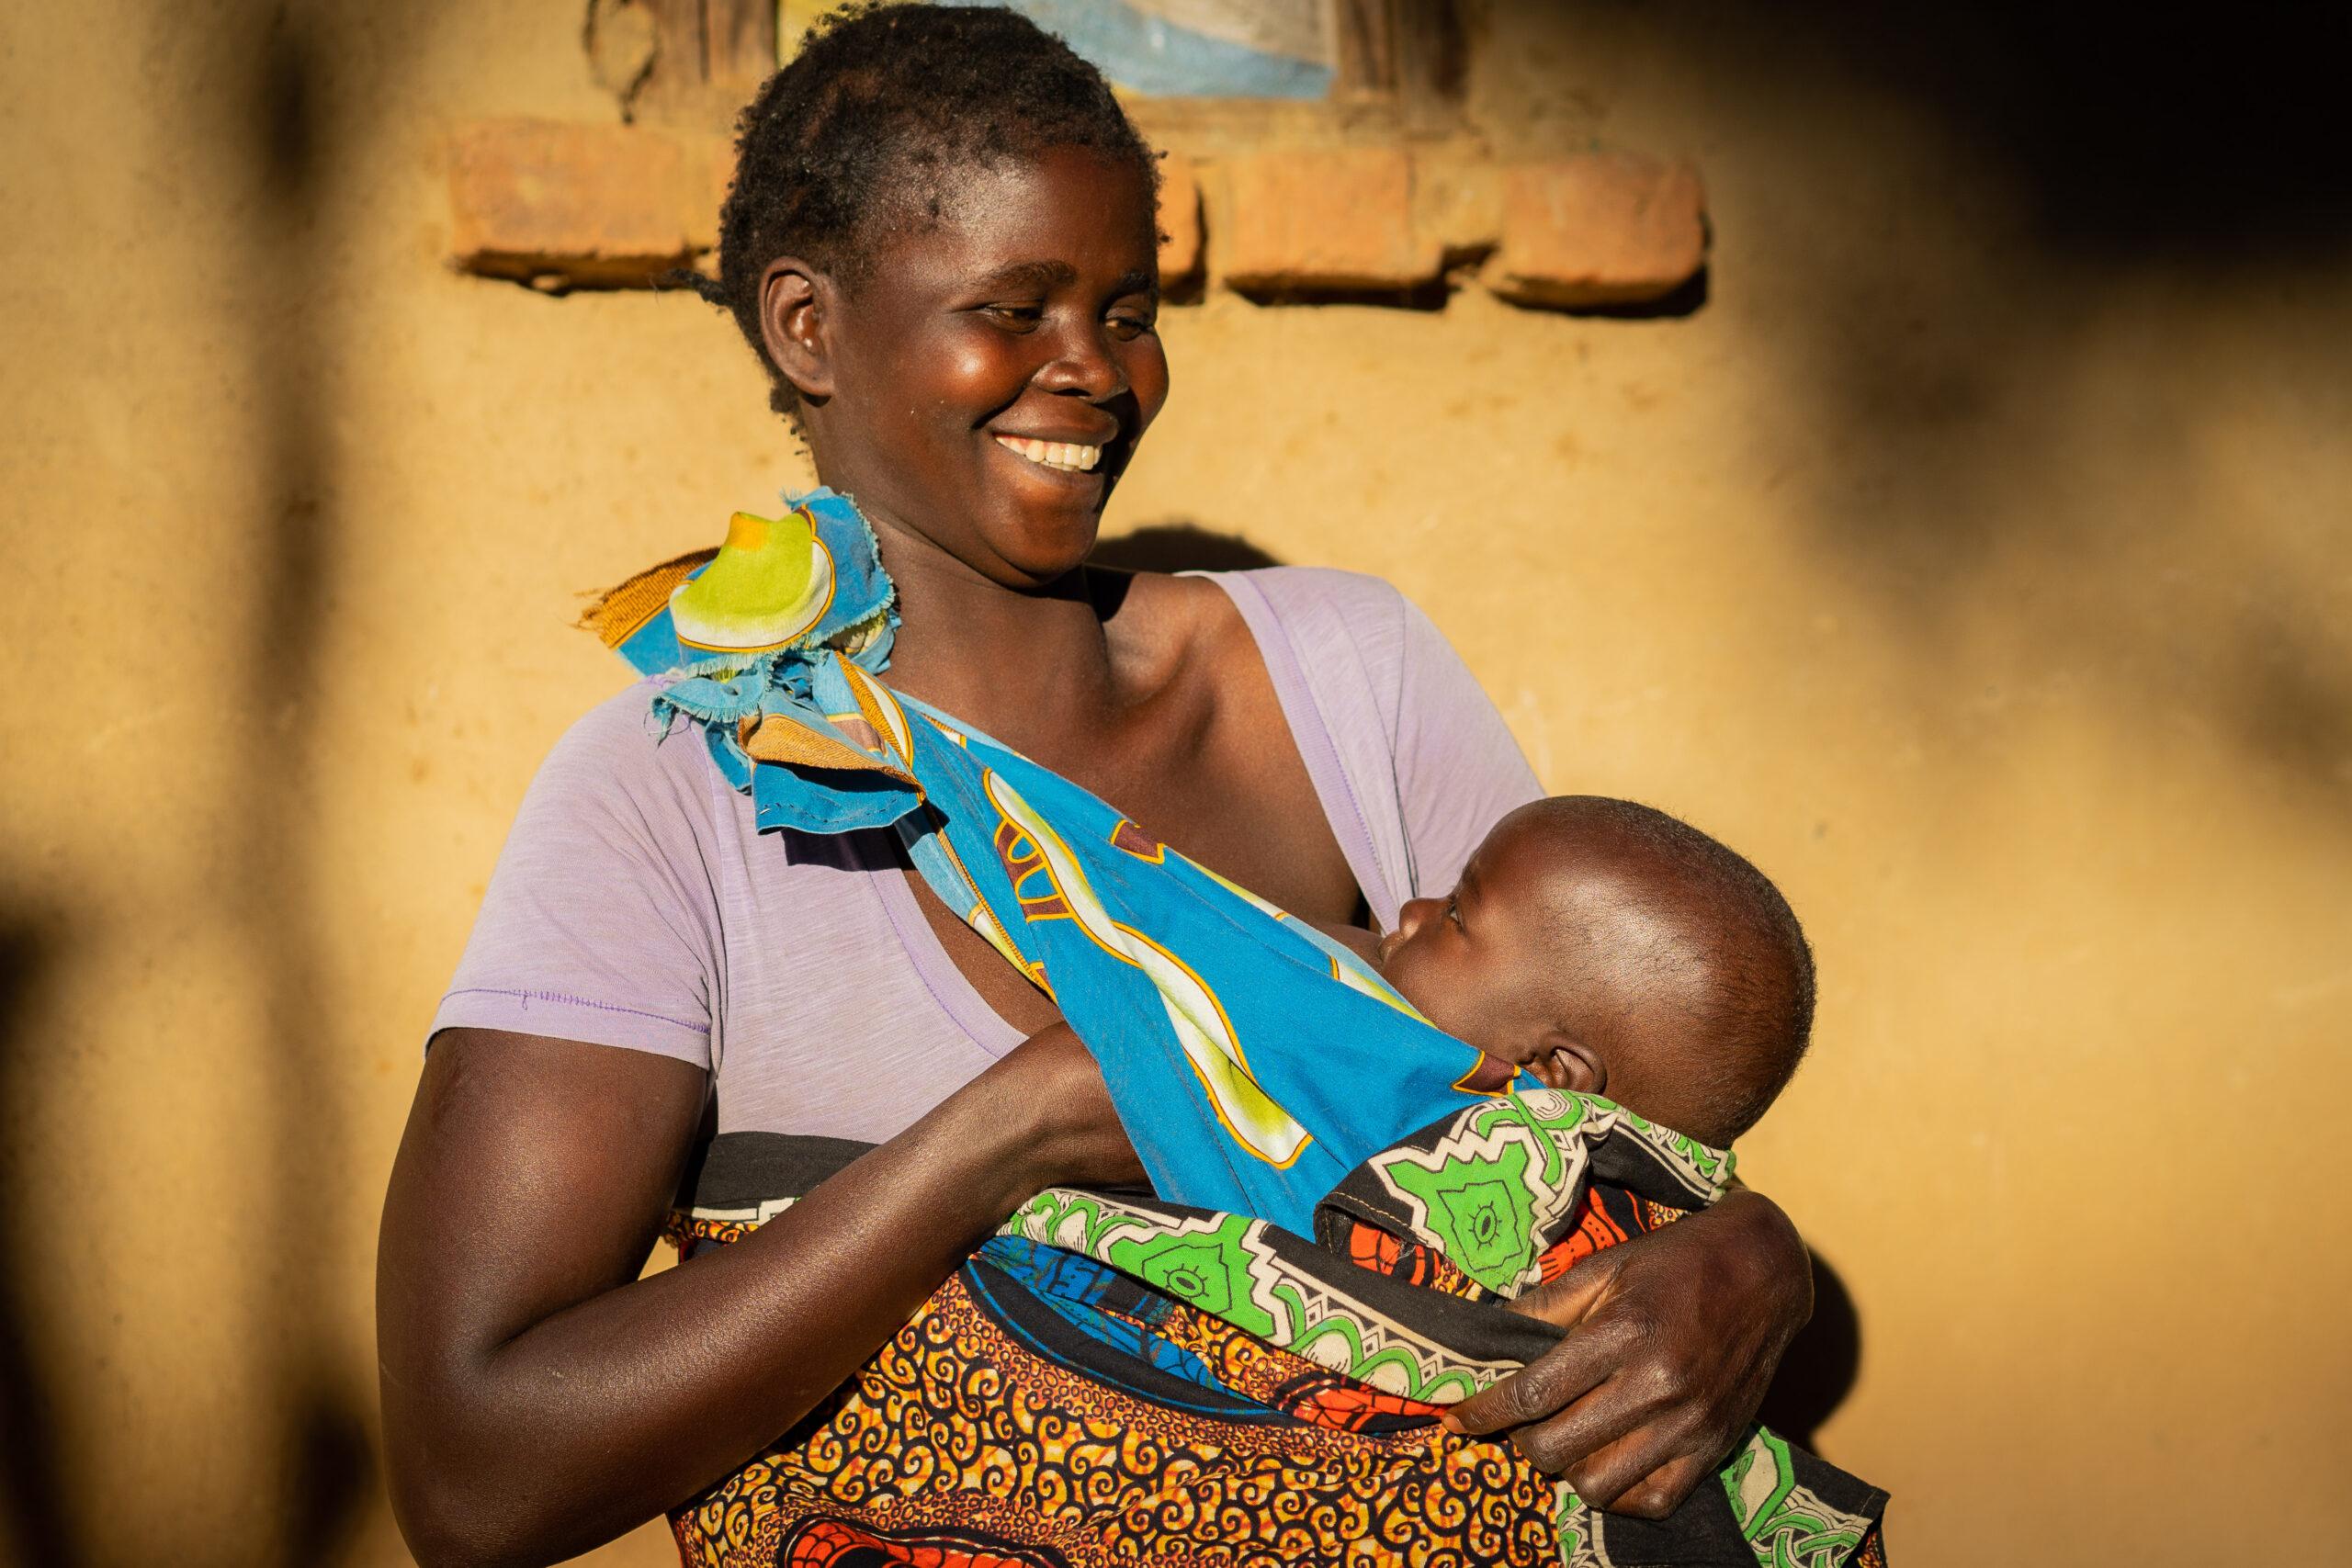 Aleitamento materno: saúde para a mãe e para o bebê